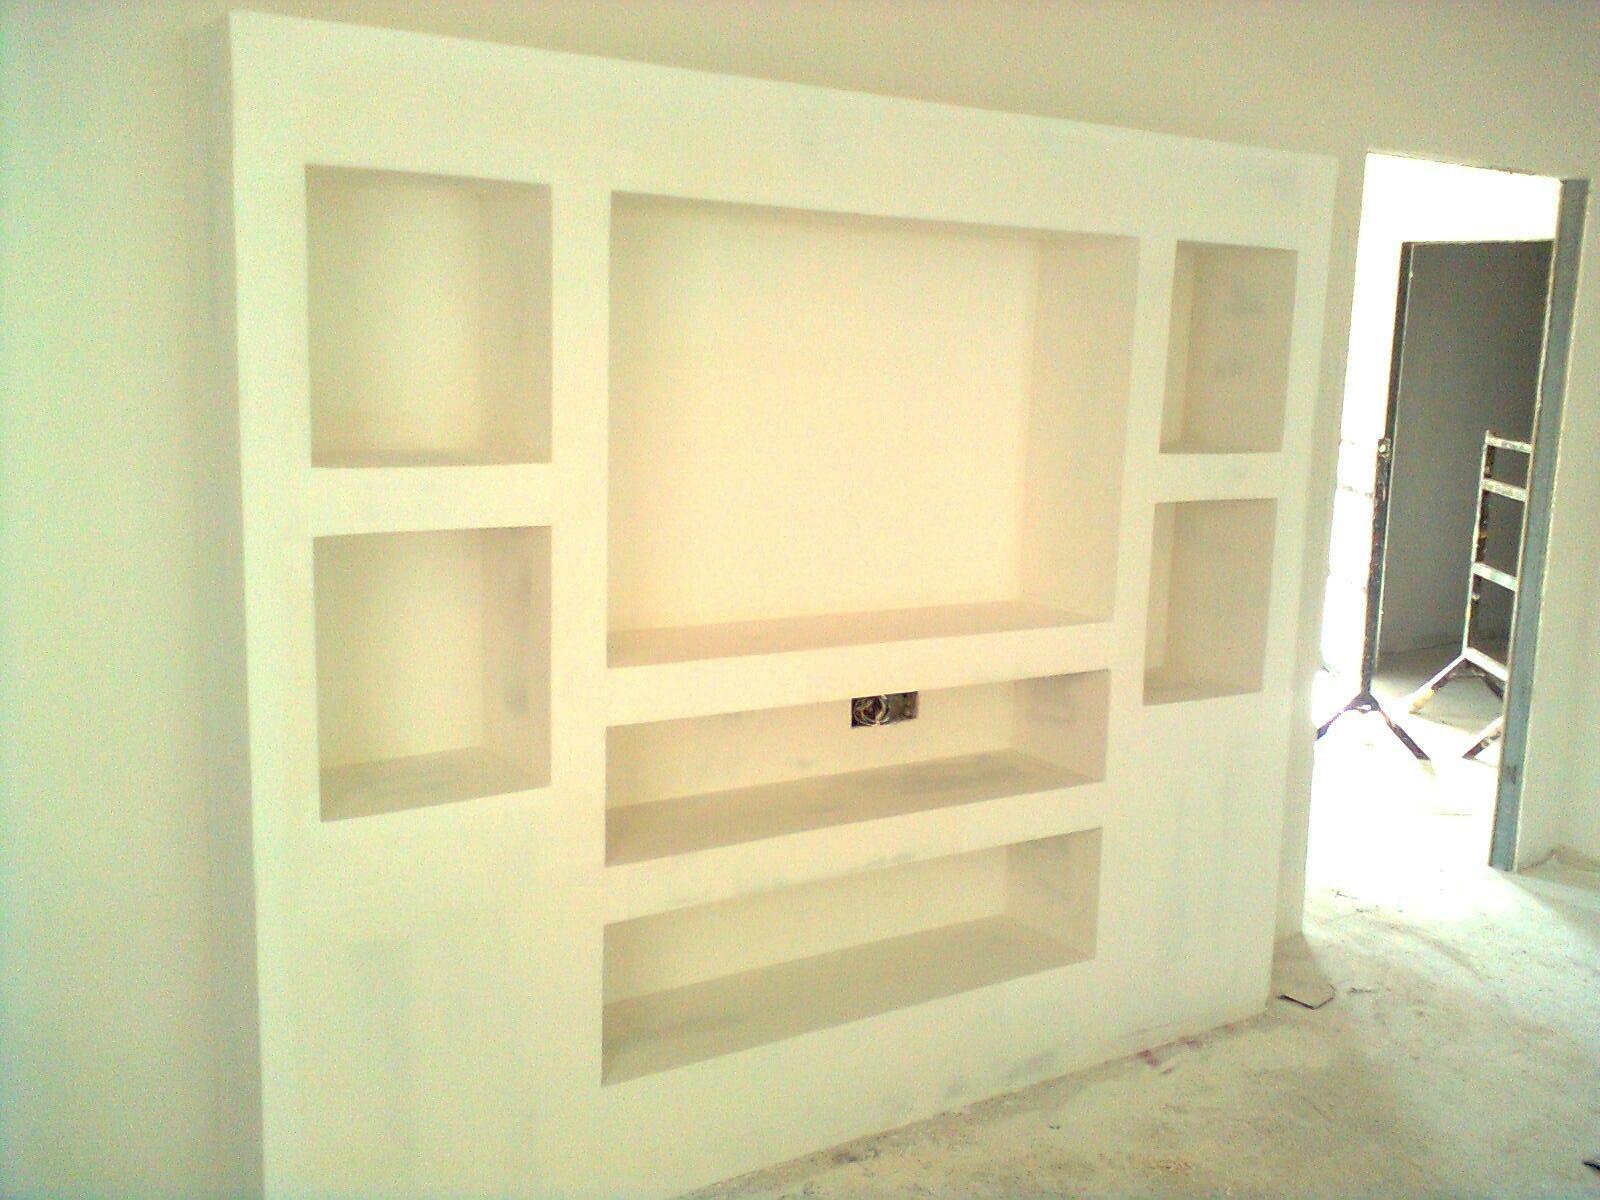 Neue raumwandgestaltung pin von nadja reichau auf schlafzimmer  pinterest  schlafzimmer